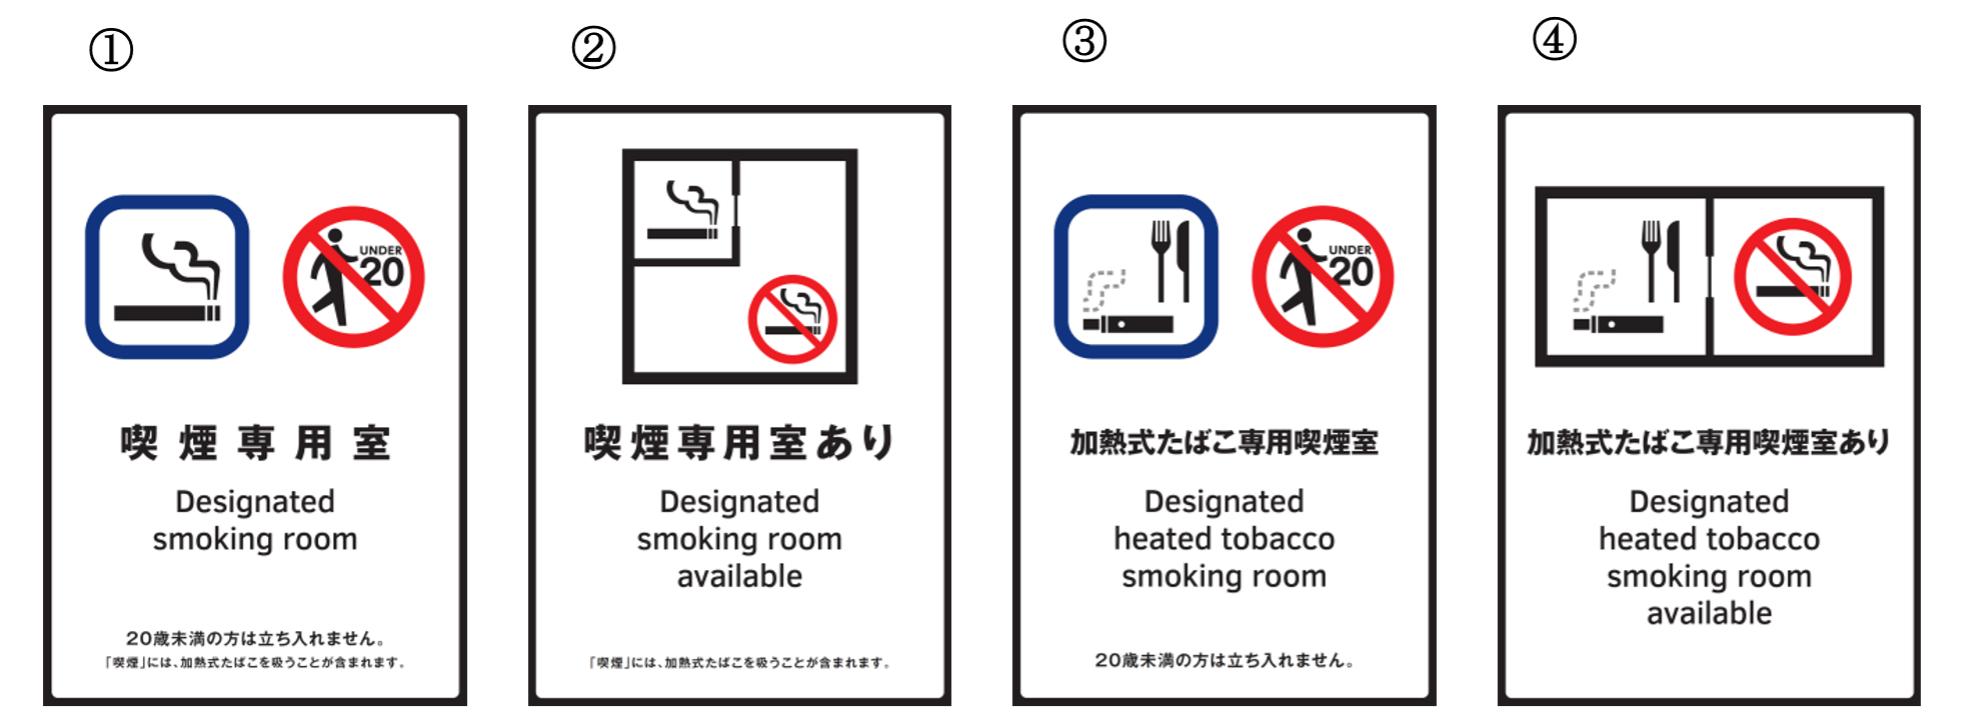 受動喫煙対策マーク